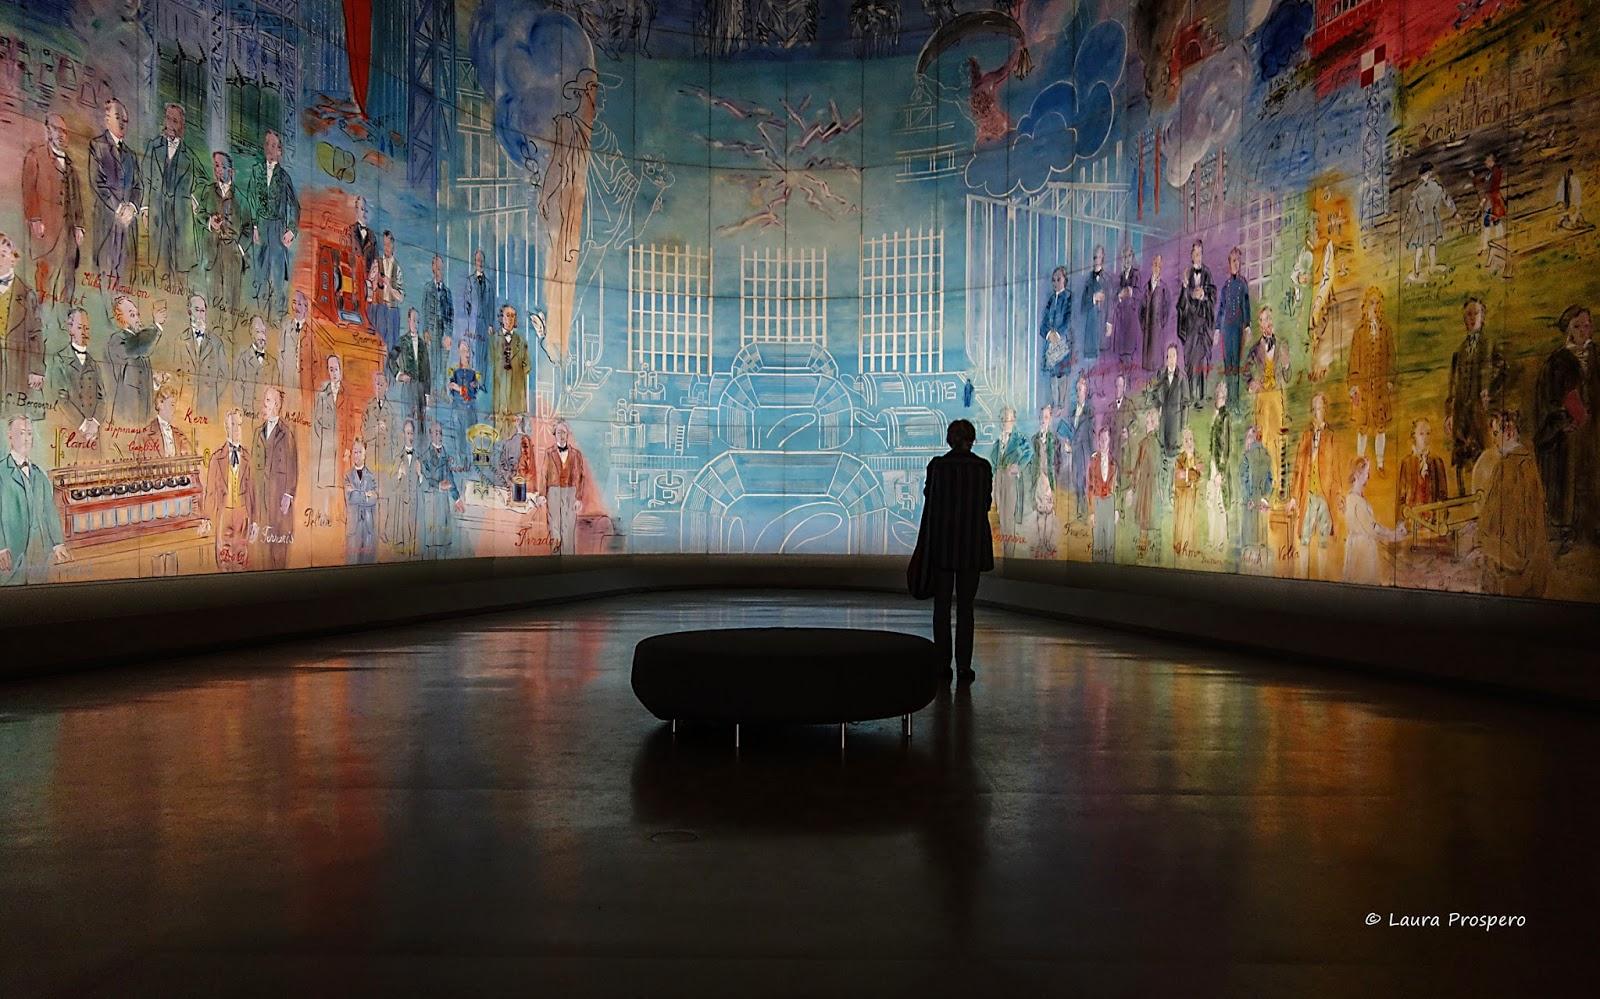 La Fée Electricité de Raoul Dufy, MAM de Paris © Laura Próspero